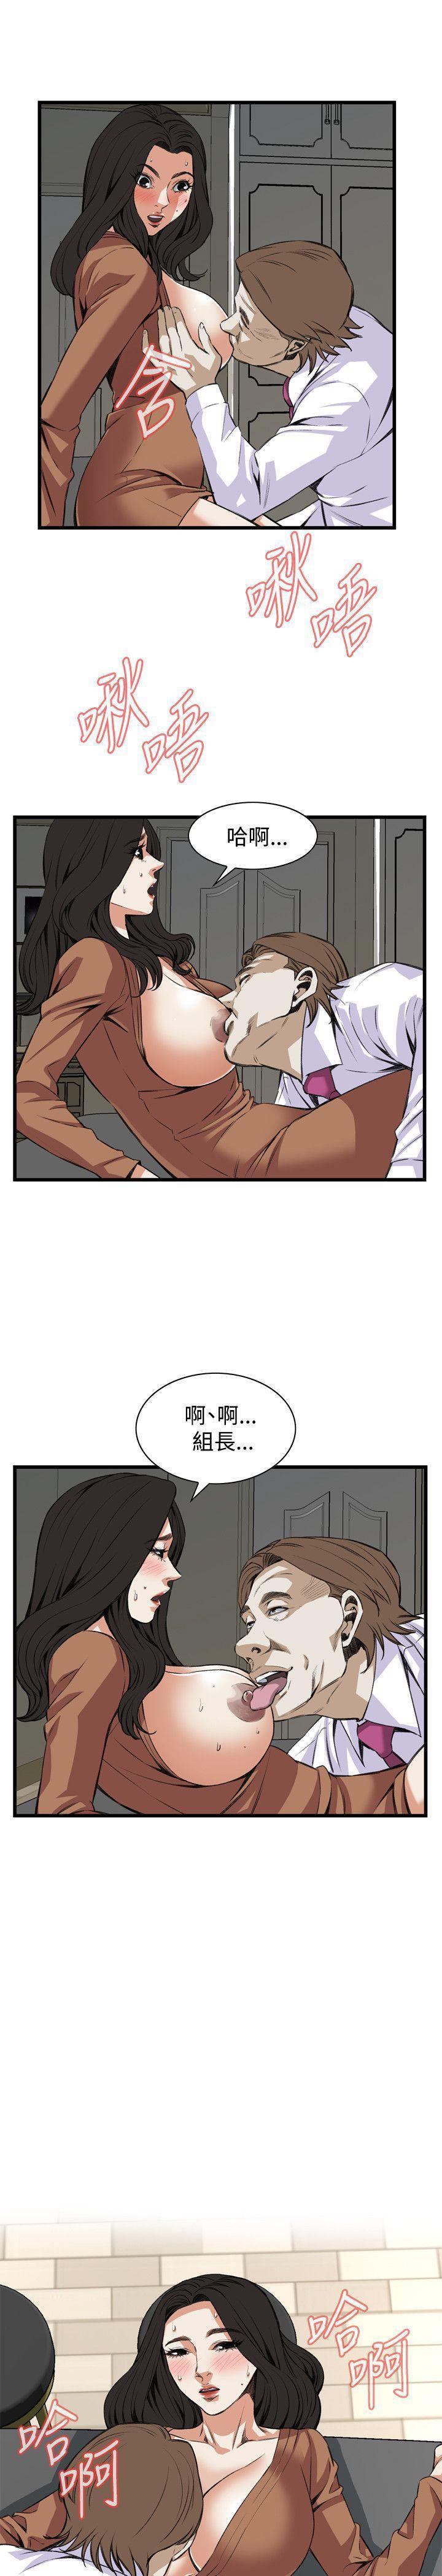 偷窥72-93 Chinese Rsiky 238